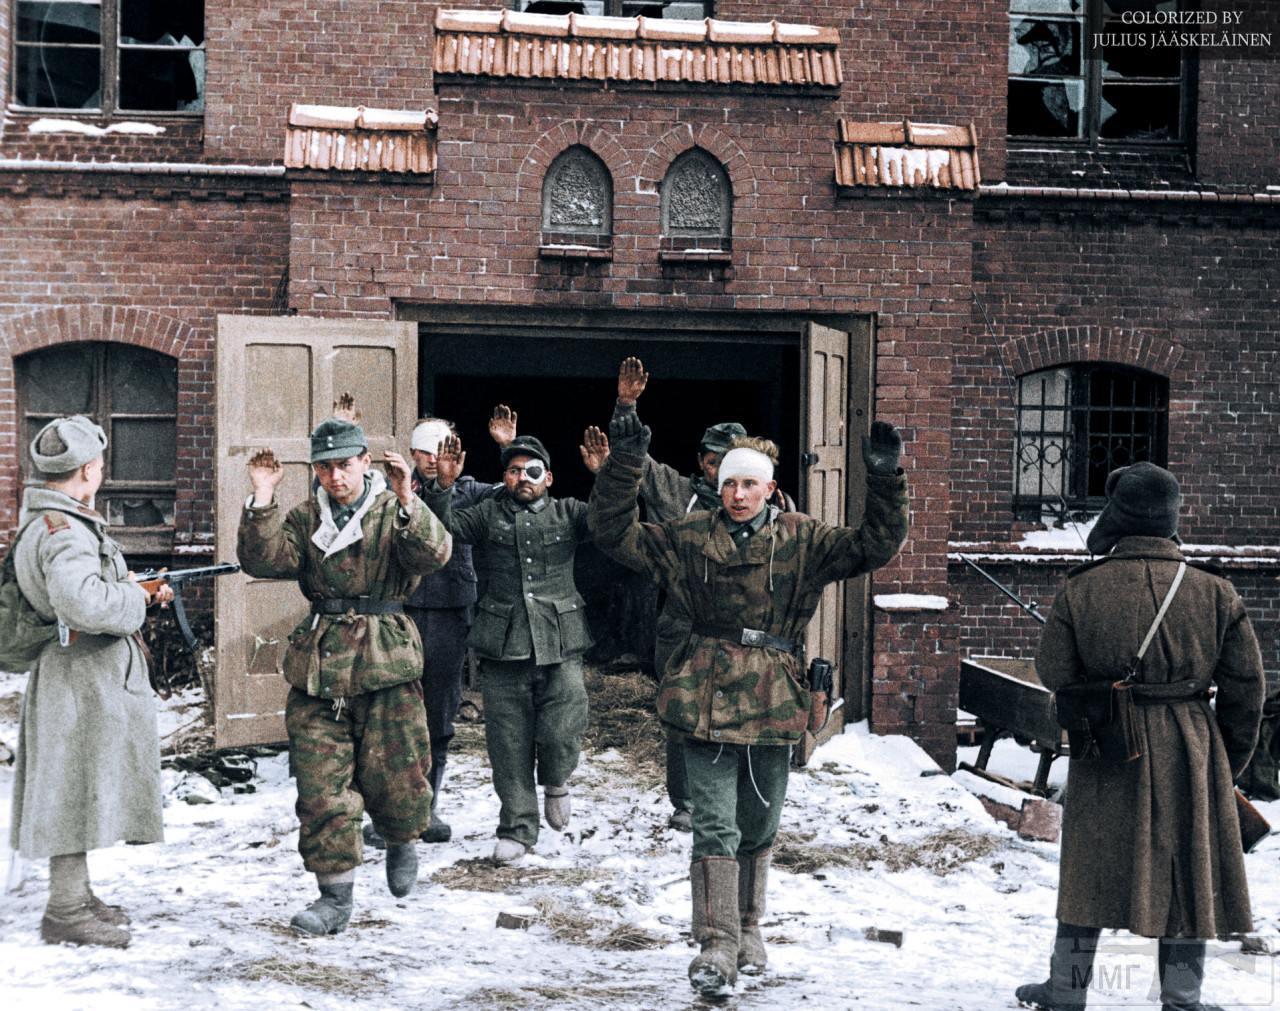 86149 - Военное фото 1941-1945 г.г. Восточный фронт.